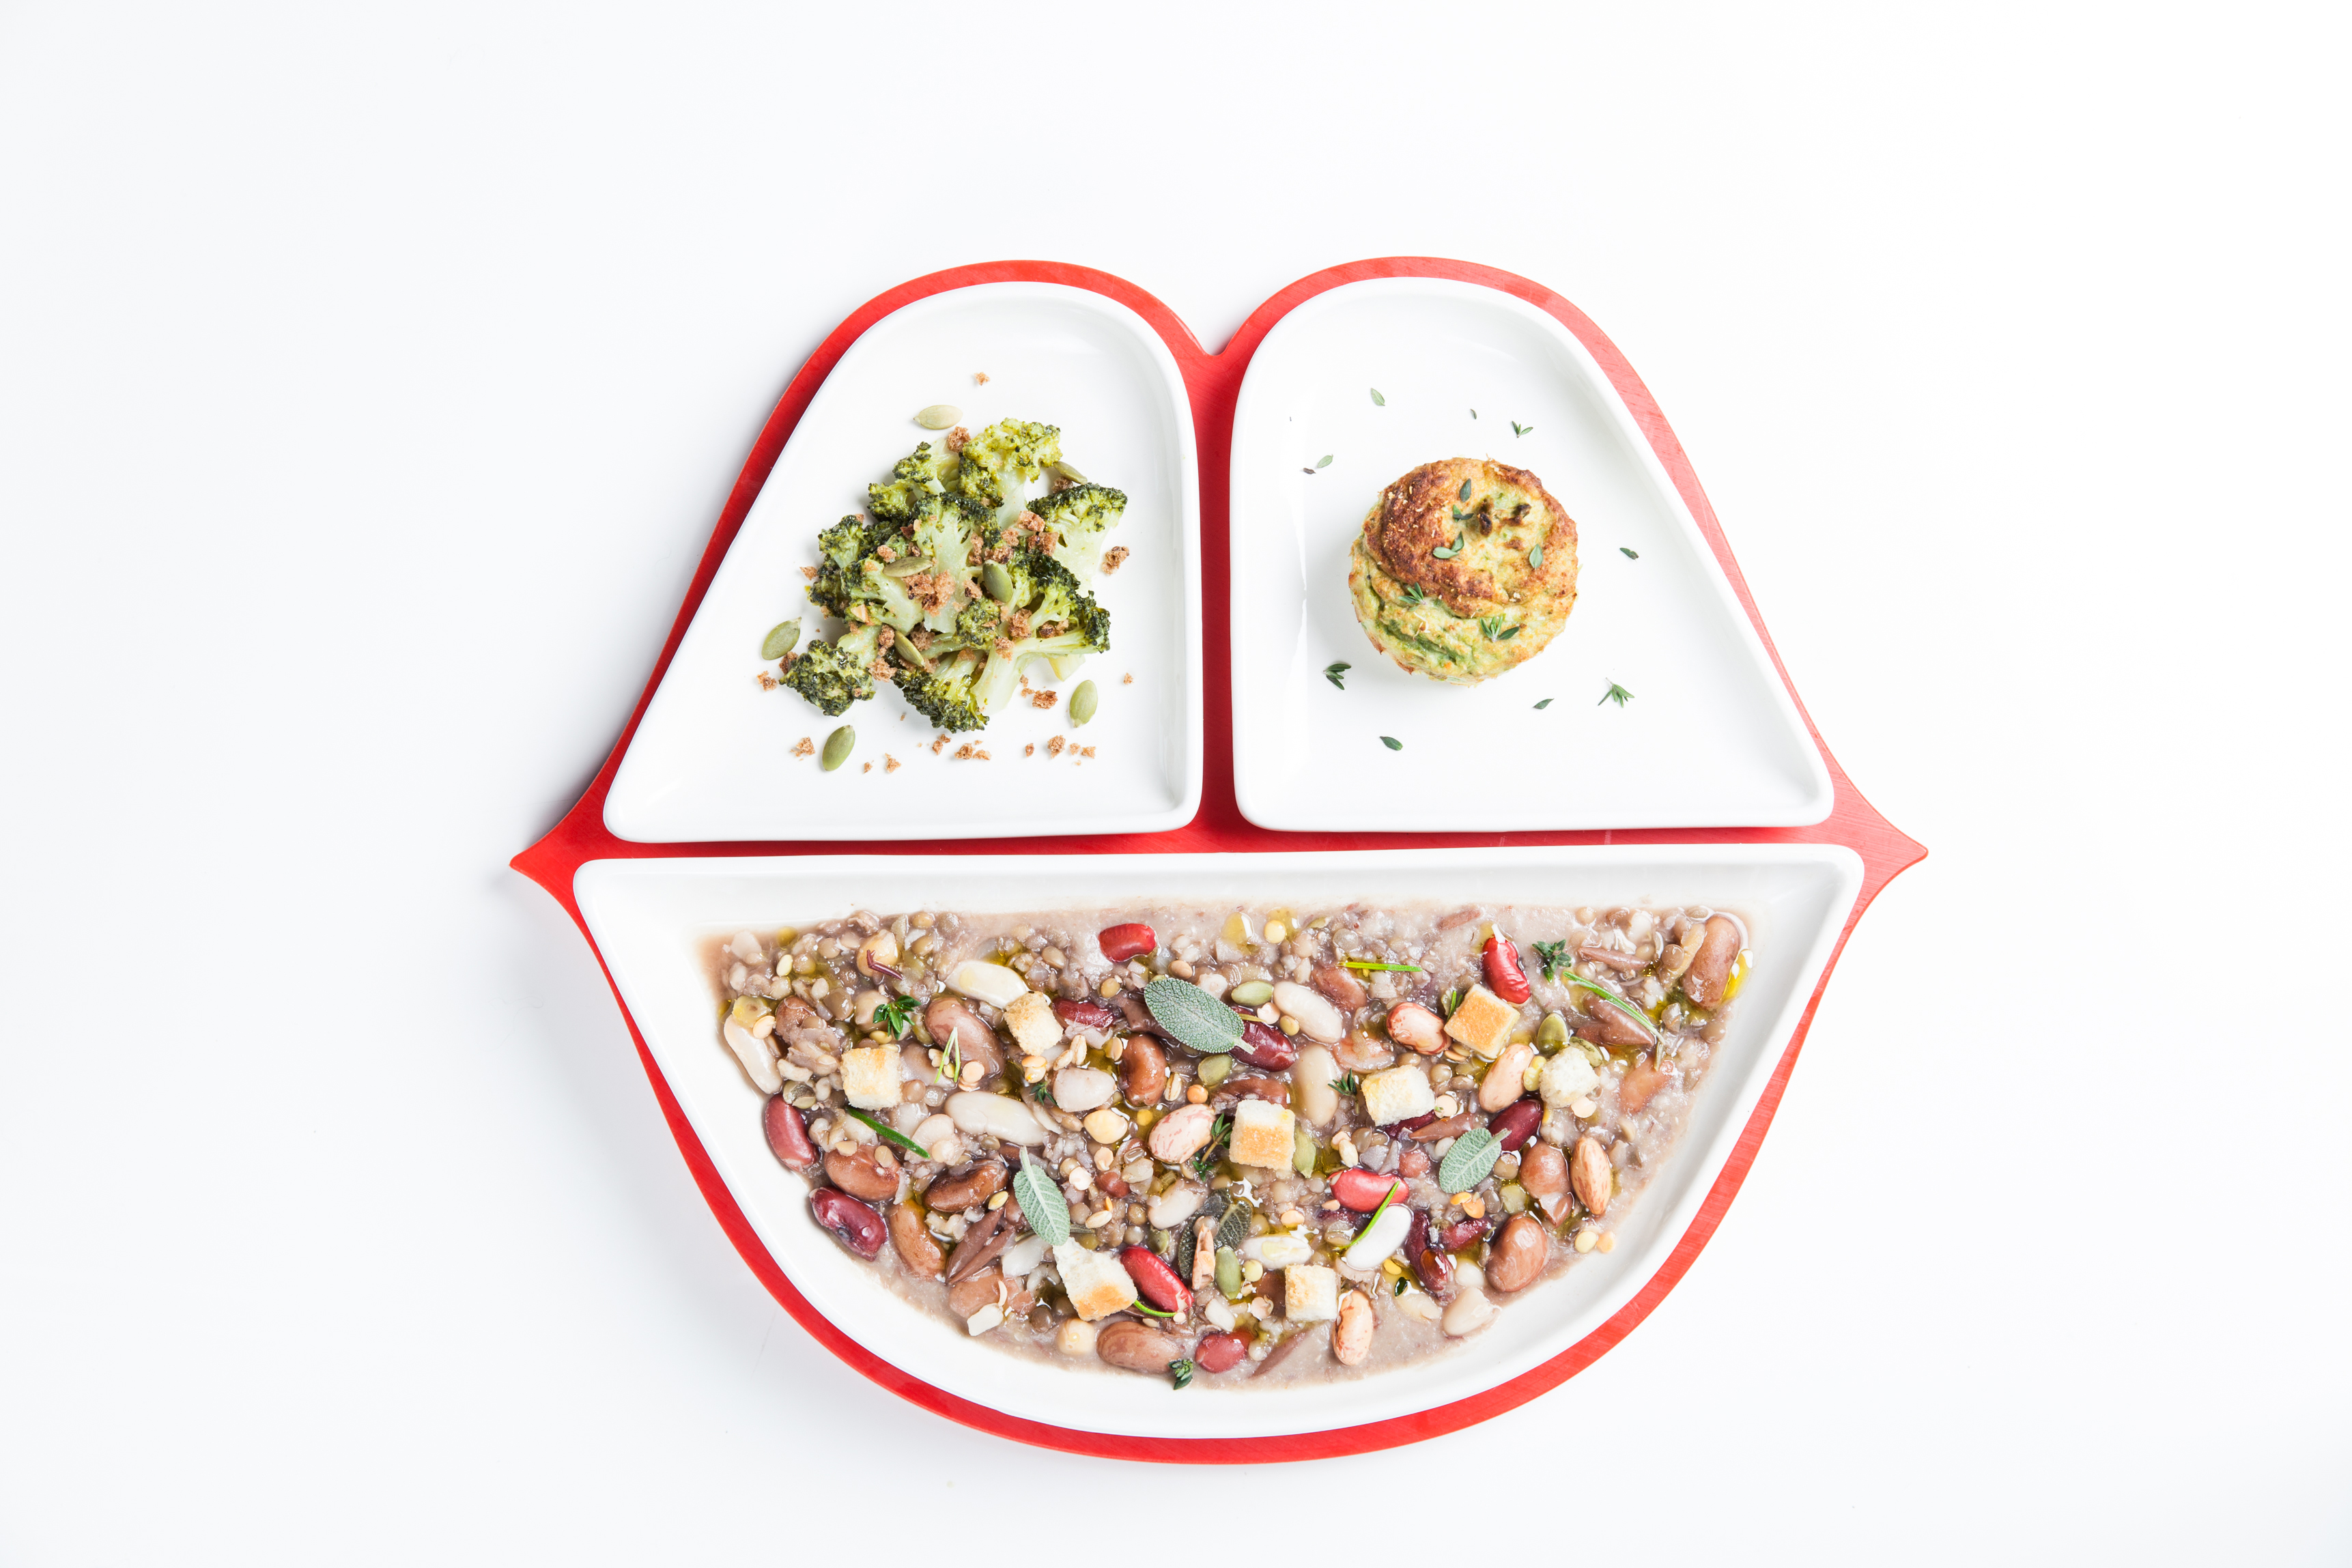 Gym Tonic- Zuppetta legumi e cereali, broccoletti saltati e tortino di patate